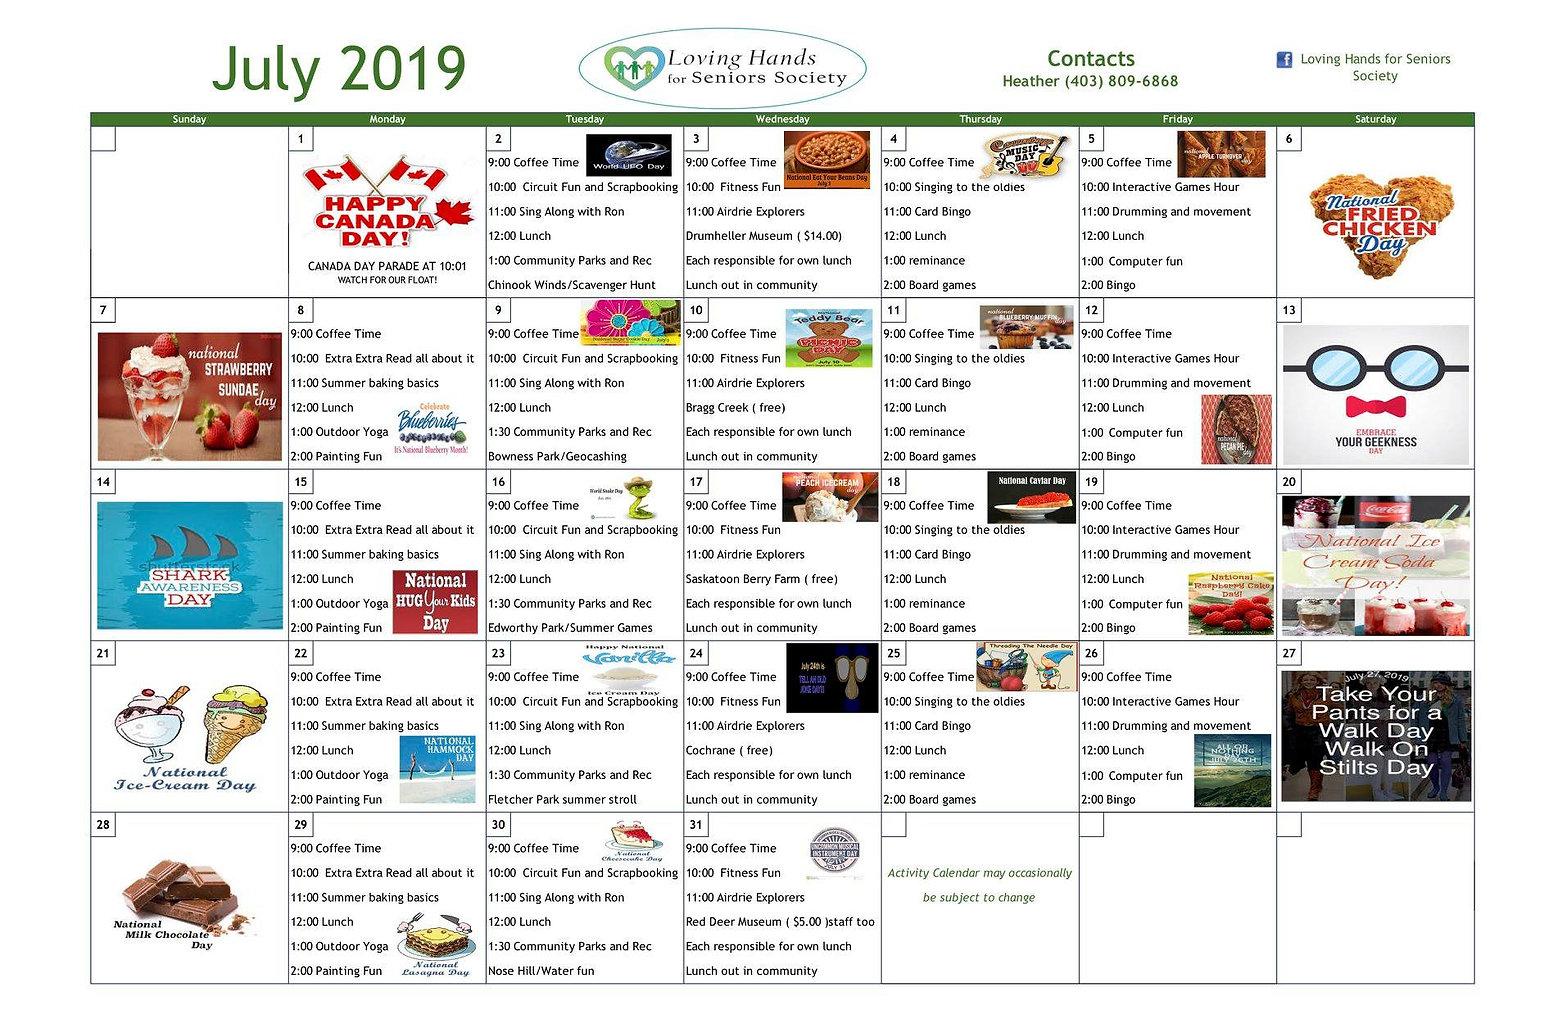 LHSS July Calendar.jpg